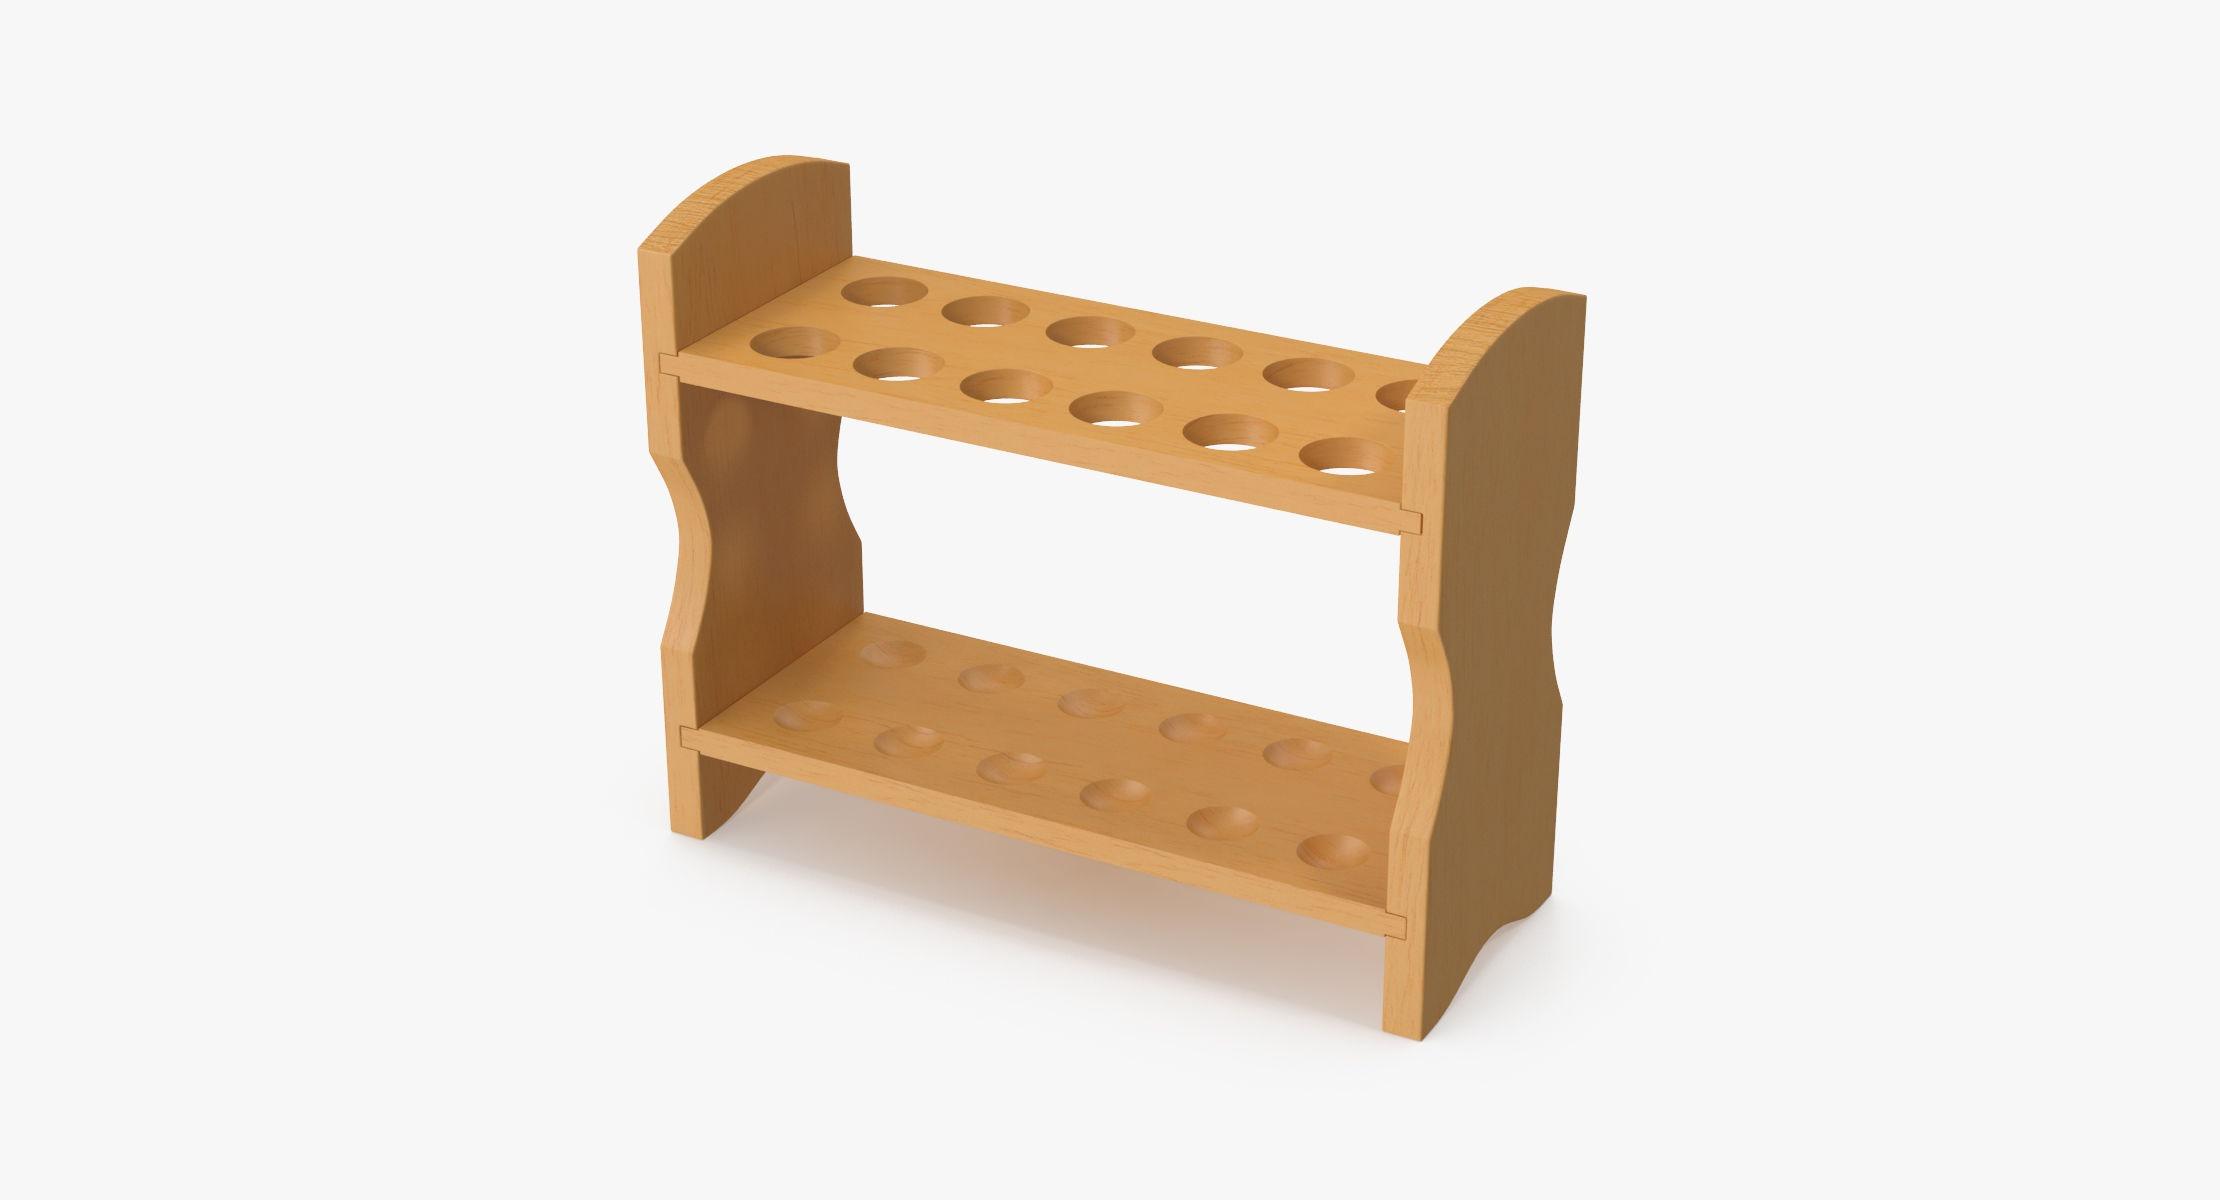 Wooden Test Tube Rack - reel 1